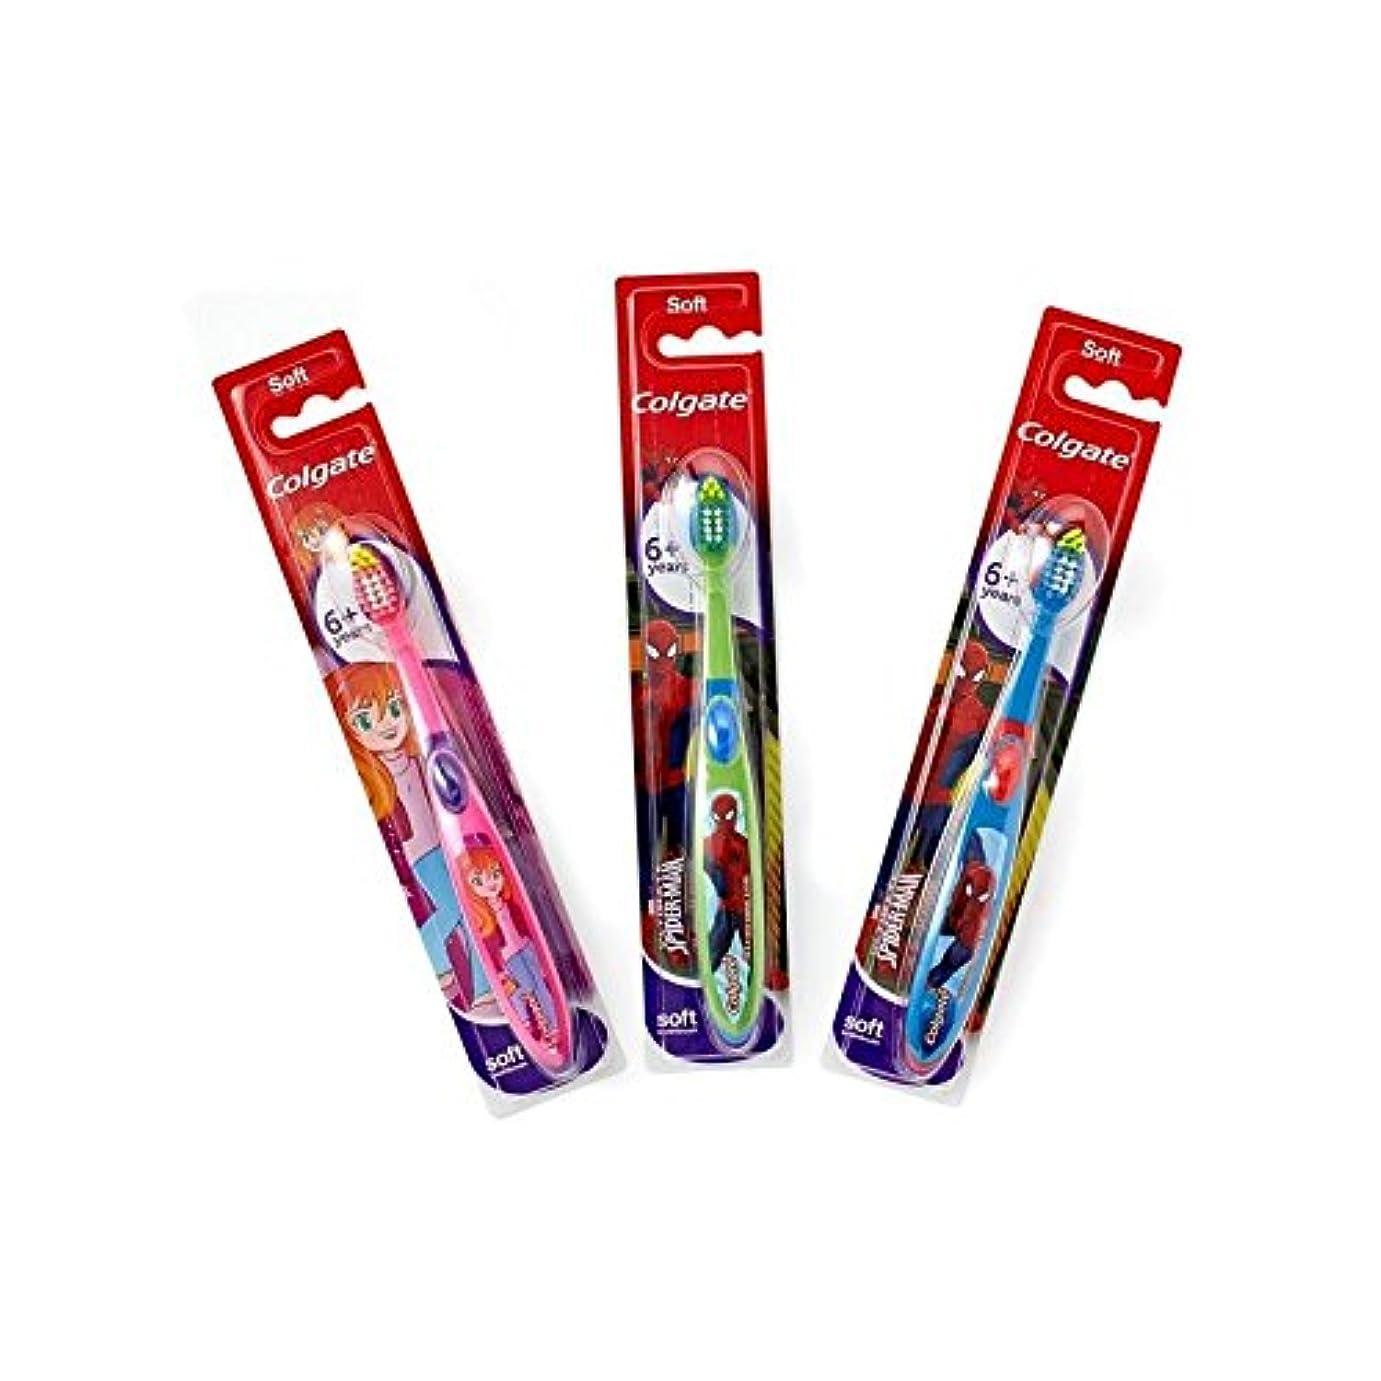 ボルトチキンカナダ6+年の歯ブラシを笑顔 (Colgate) (x 6) - Colgate Smiles 6+ Years Toothbrush (Pack of 6) [並行輸入品]